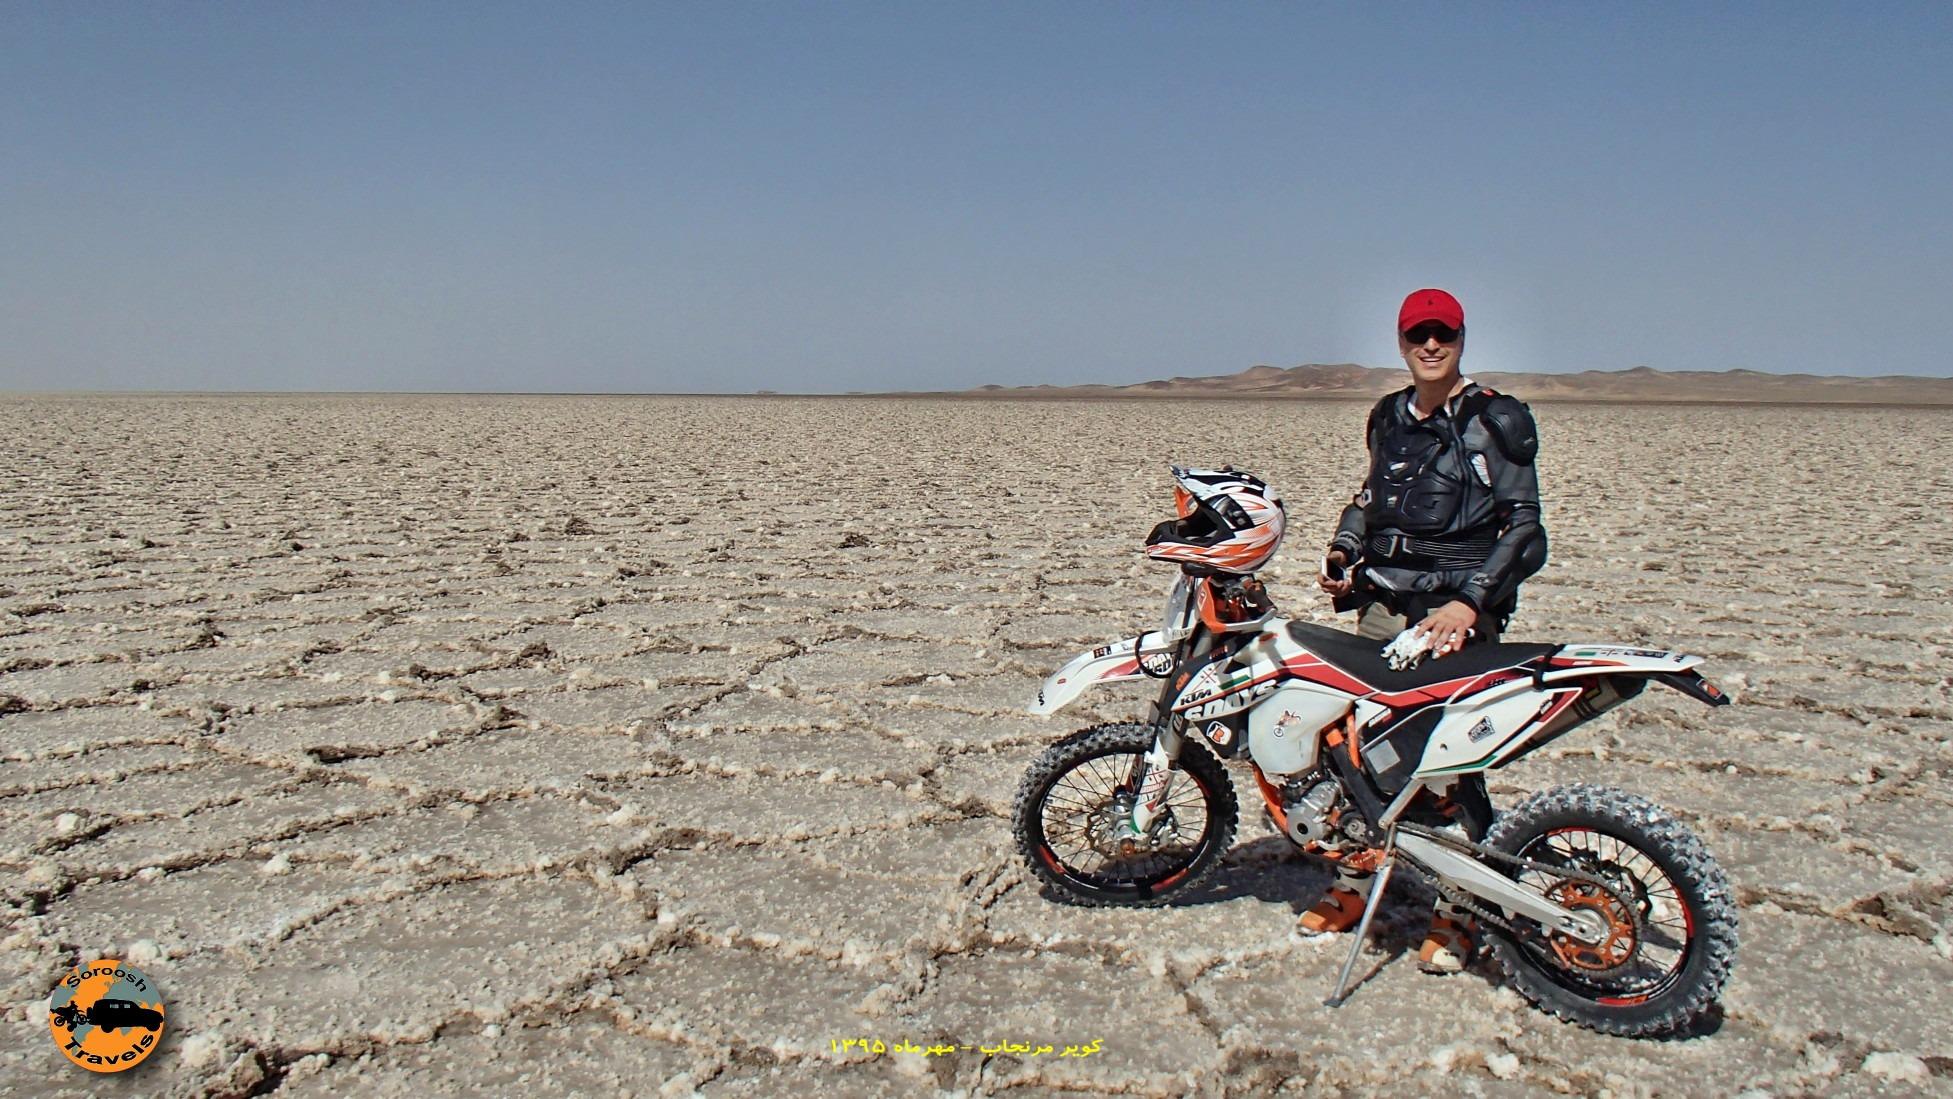 دریاچه نمک مرنجاب - مهرماه ۱۳۹۵